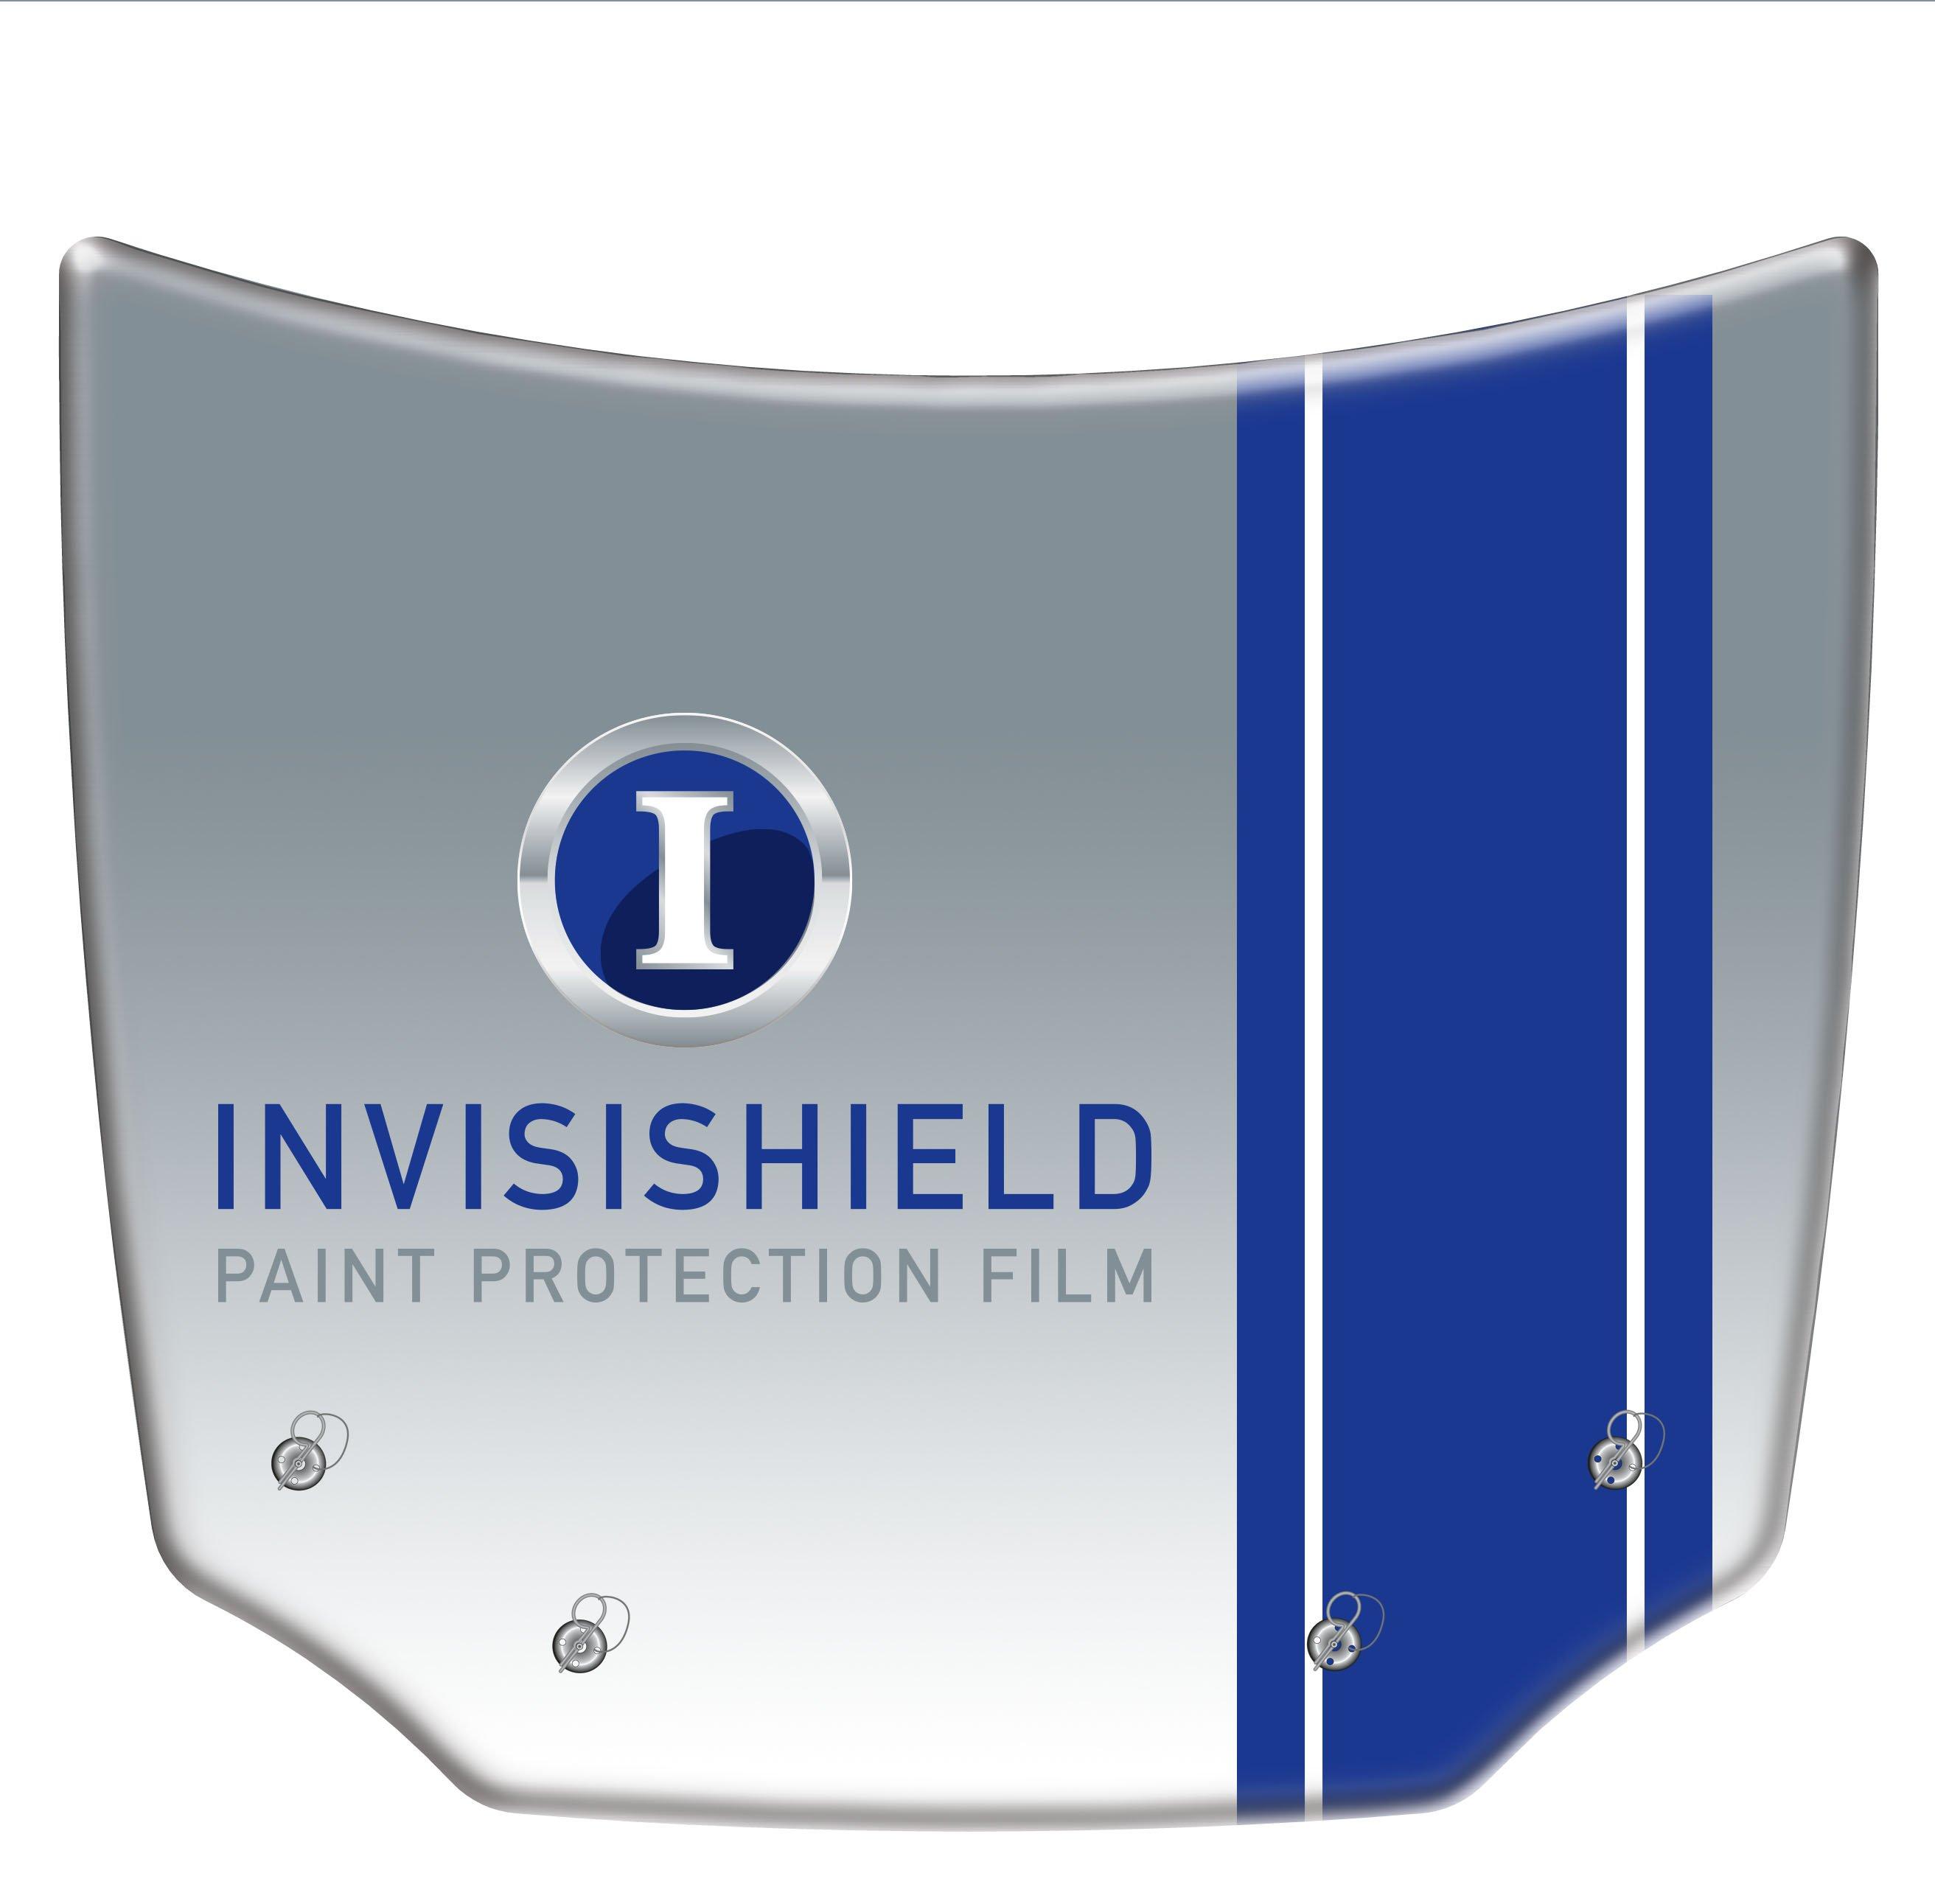 InvisishieldLARGE